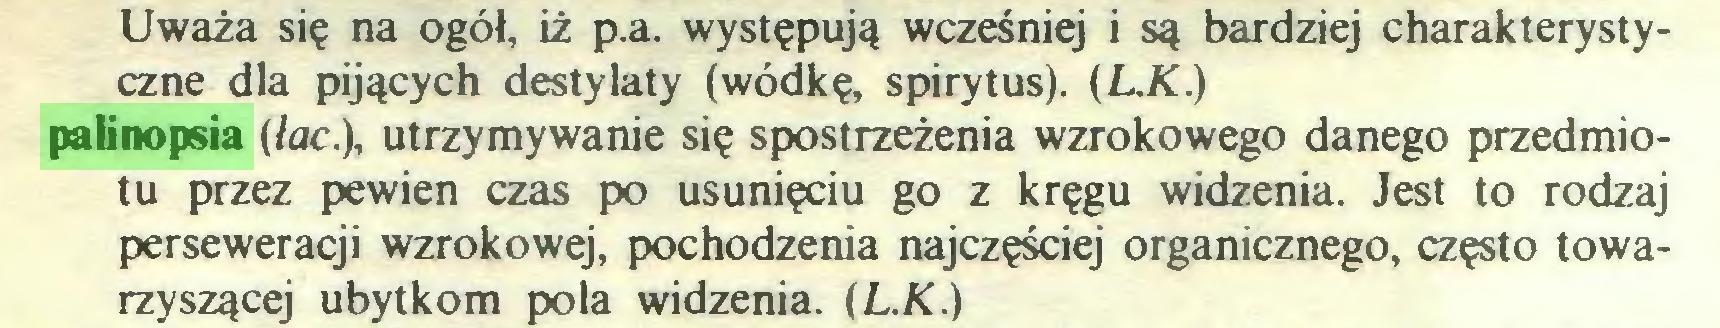 (...) Uważa się na ogół, iż p.a. występują wcześniej i są bardziej charakterystyczne dla pijących destylaty (wódkę, spirytus). (L.K.) palinopsia (łac.), utrzymywanie się spostrzeżenia wzrokowego danego przedmiotu przez pewien czas po usunięciu go z kręgu widzenia. Jest to rodzaj perseweracji wzrokowej, pochodzenia najczęściej organicznego, często towarzyszącej ubytkom pola widzenia. (L.K.)...